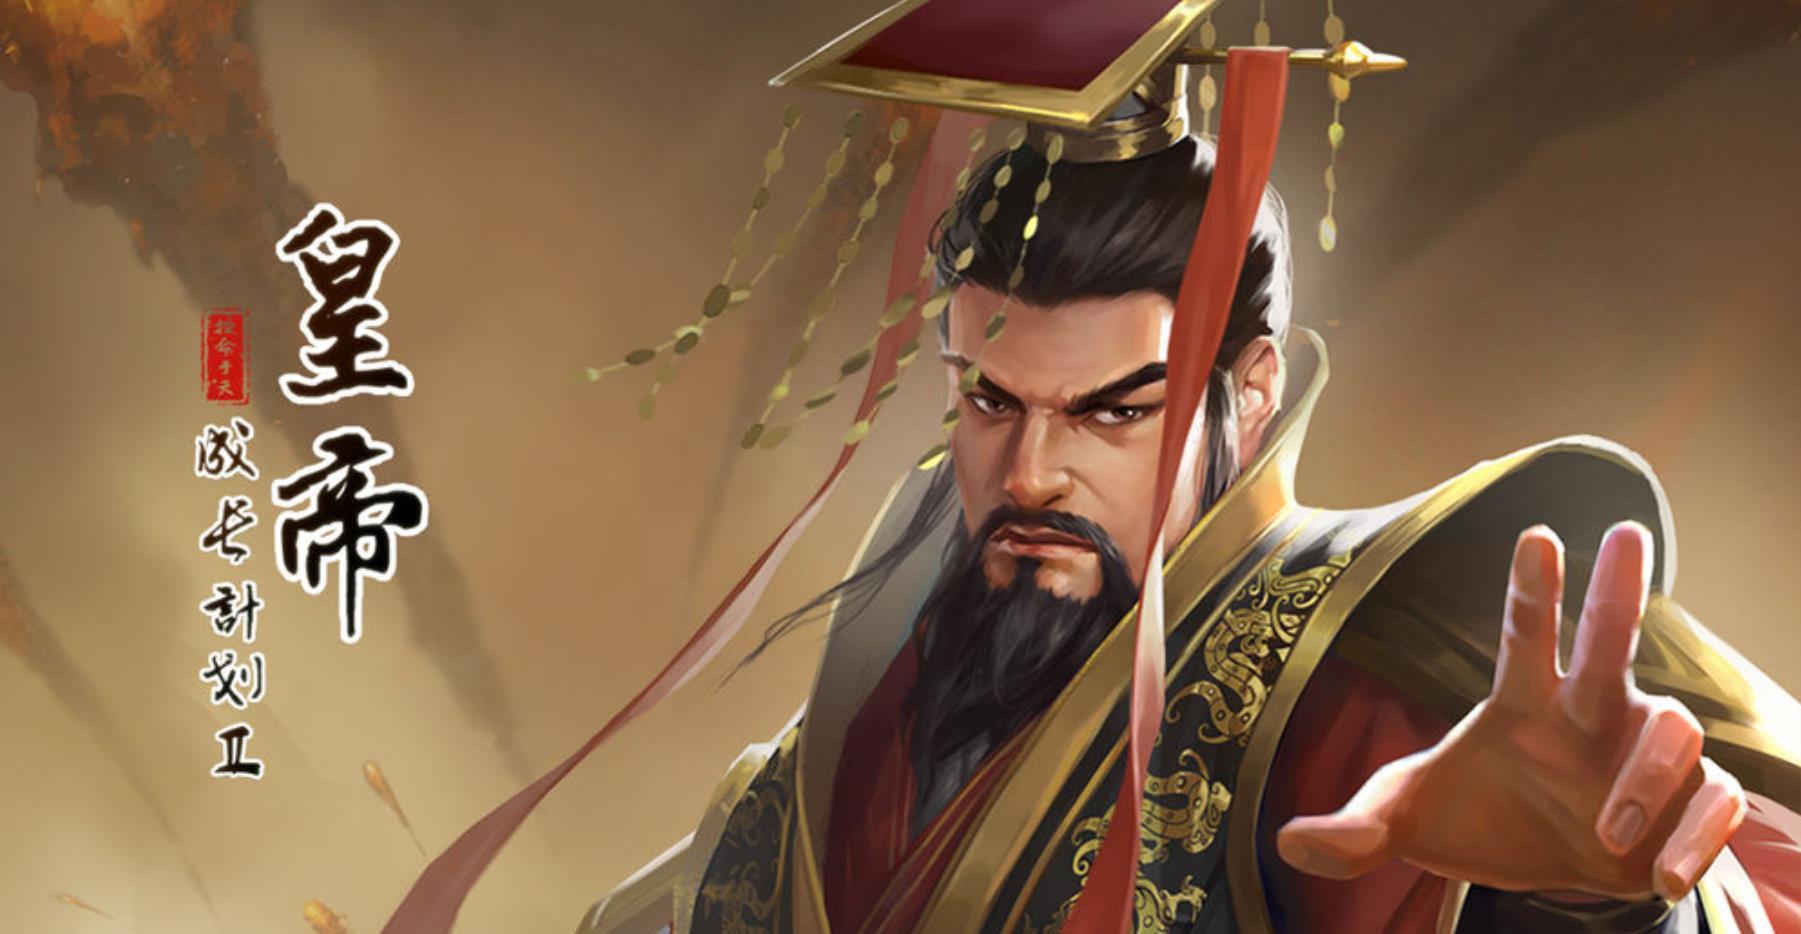 皇帝成长计划2秦惠文王怎么玩 秦惠文王玩法攻略[多图]